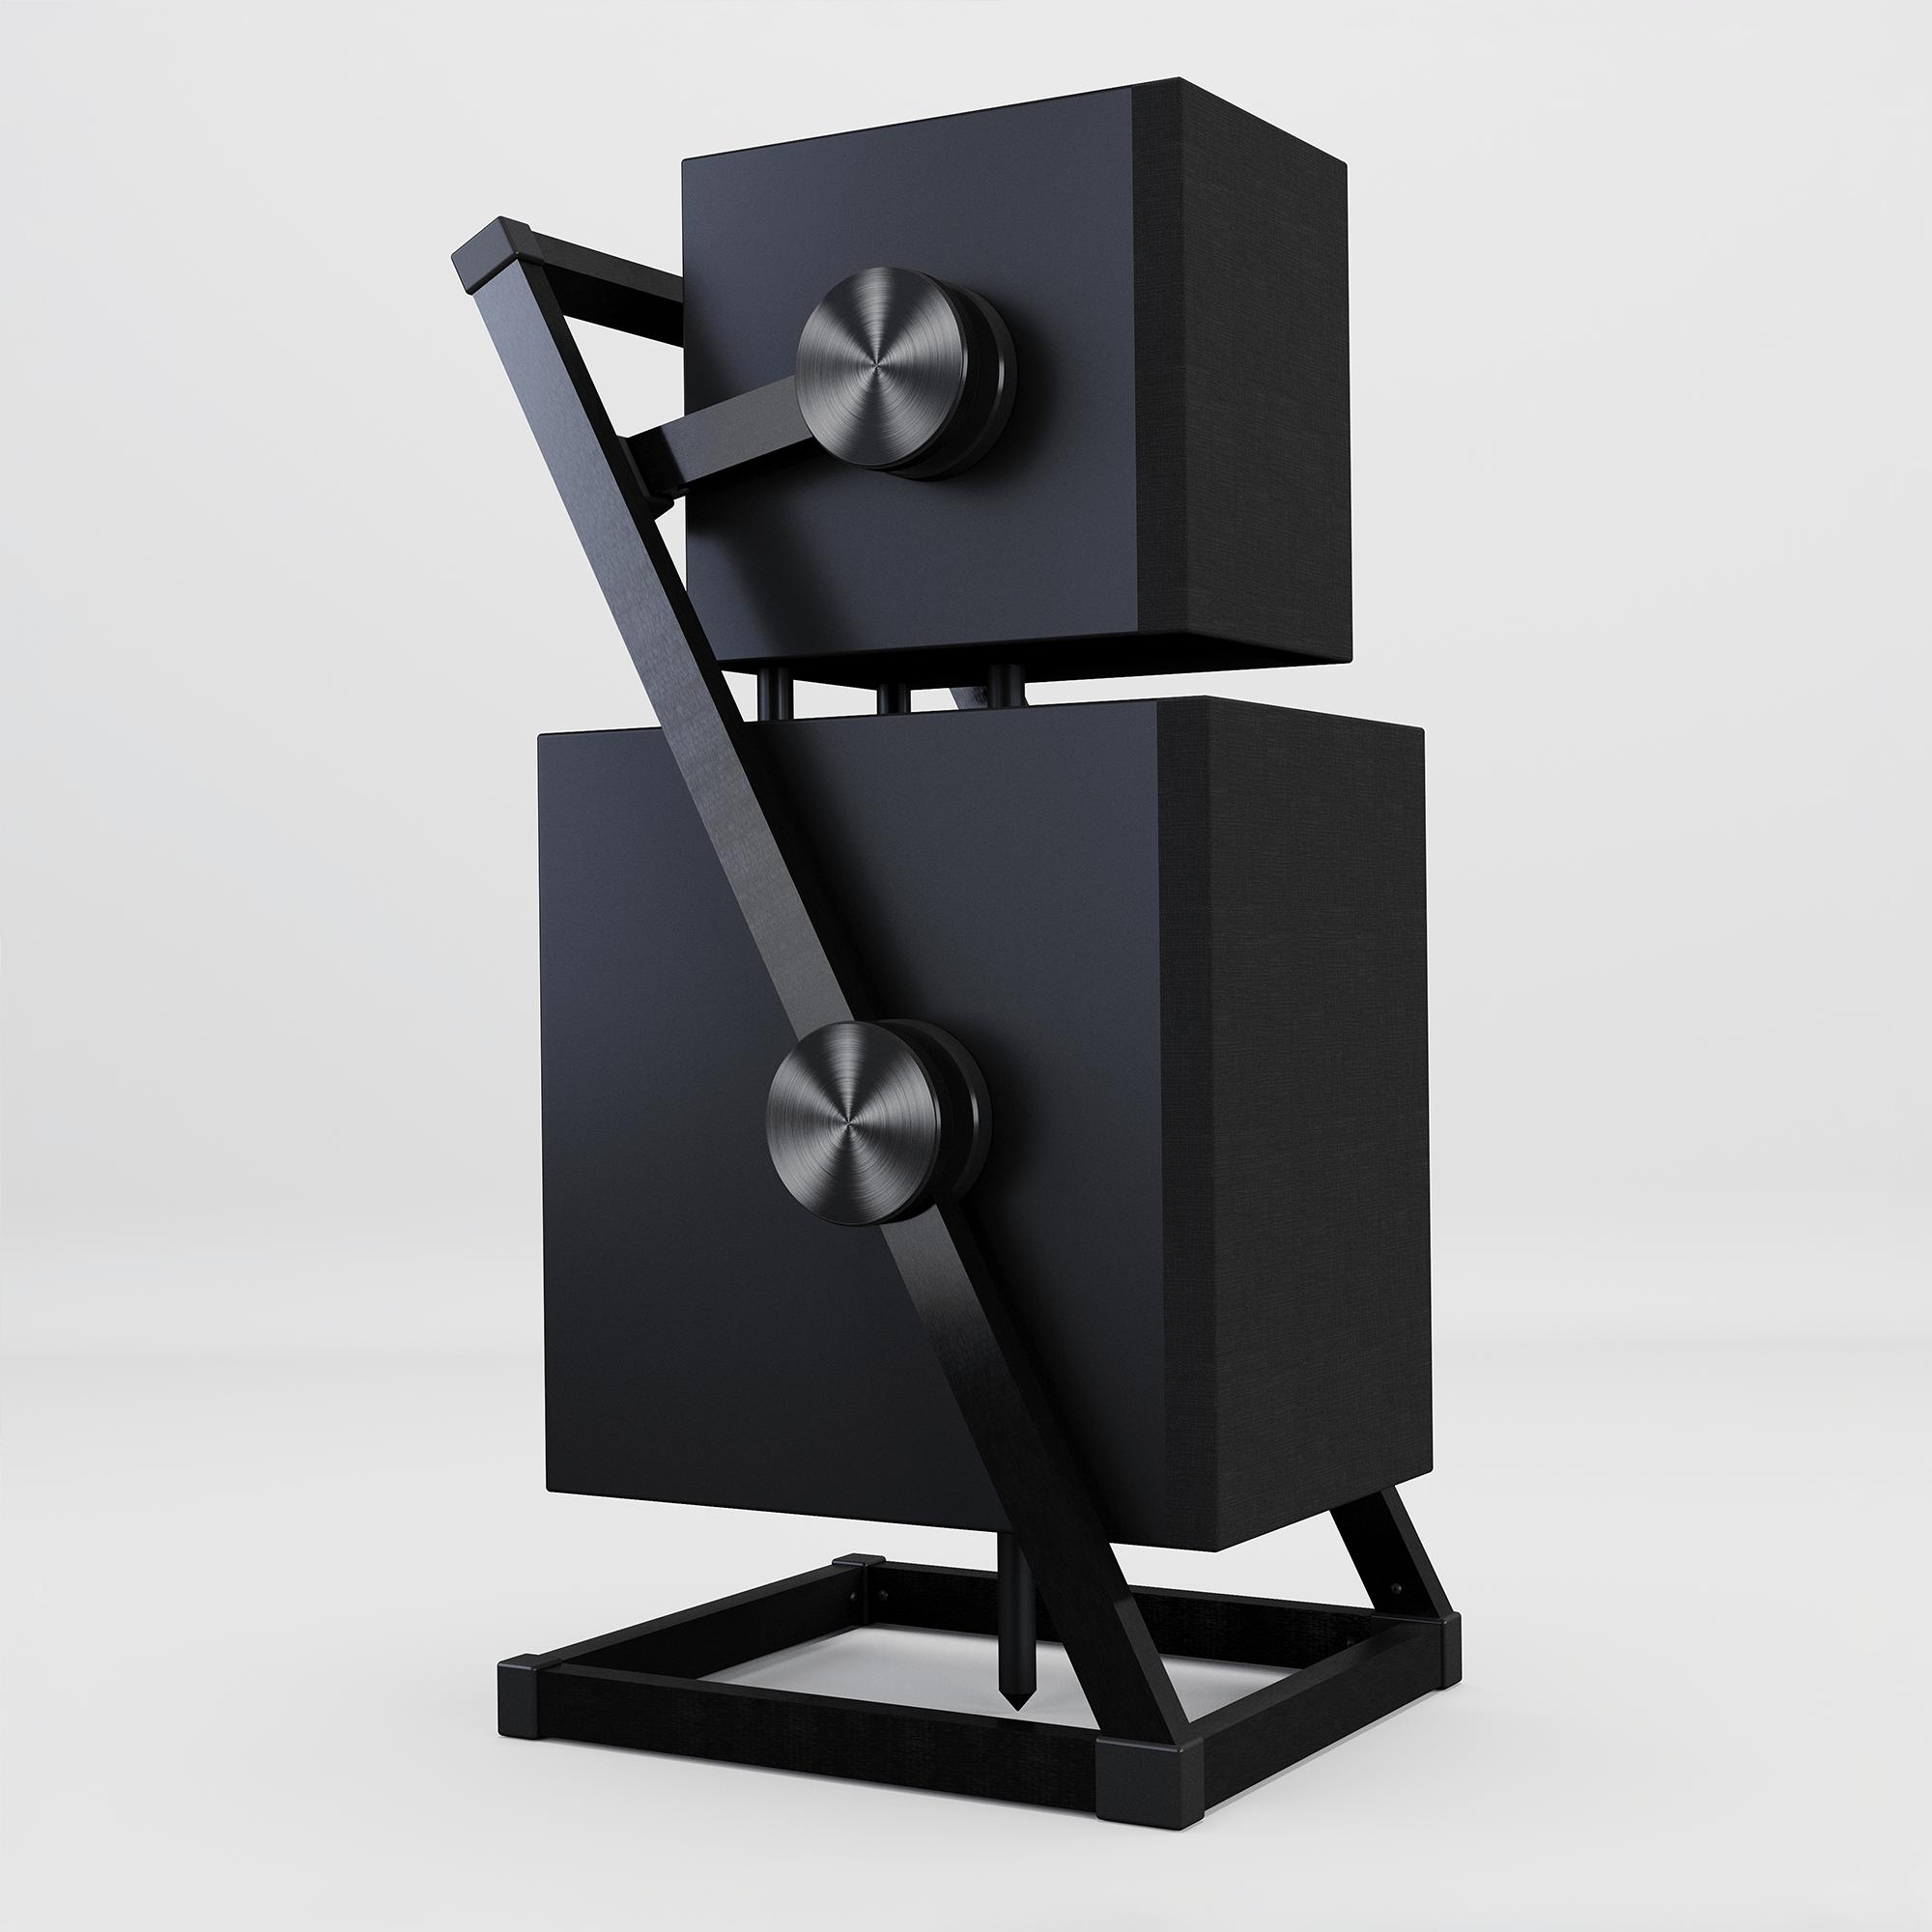 Satya audio speakers